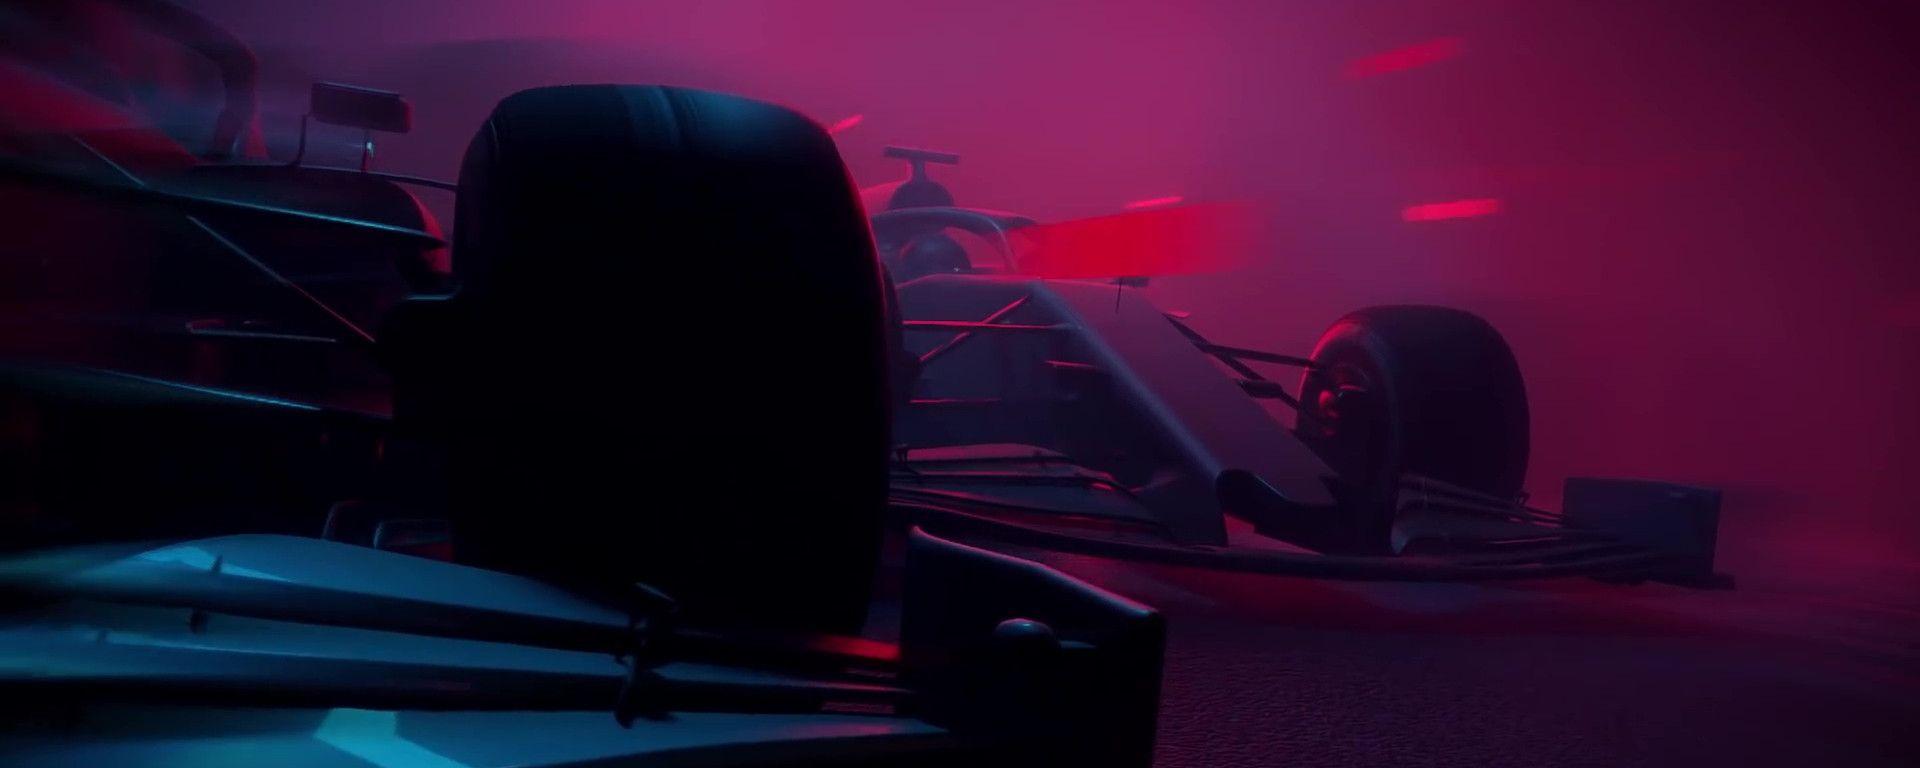 F1 2021: immagini dal trailer di gioco